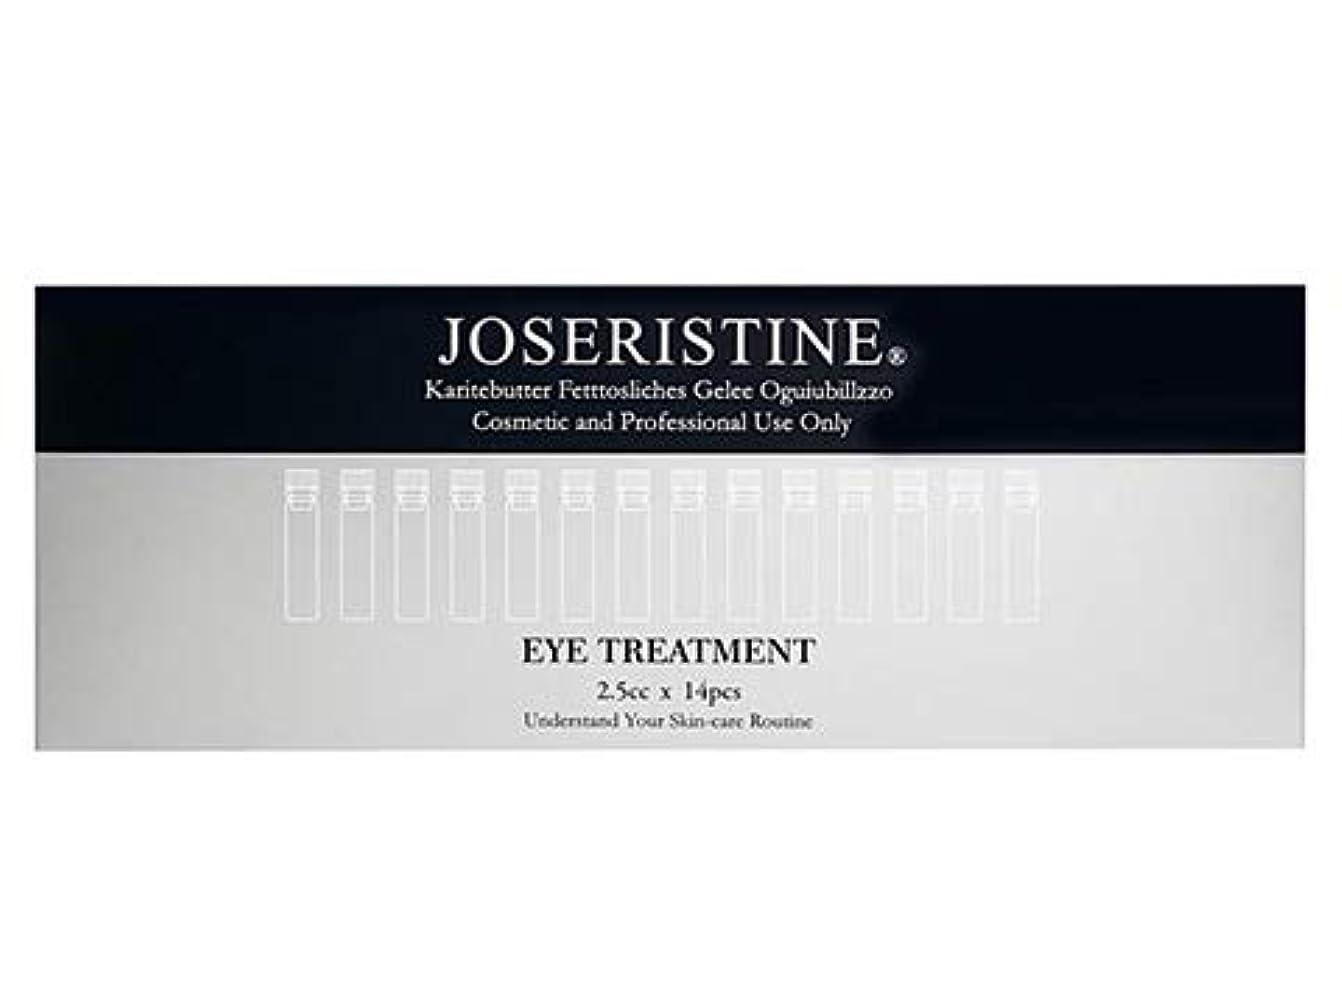 平日日曜日打ち負かす[Joseristine] アイ トリートメント Joseristine Eye Treatment (14pcs)